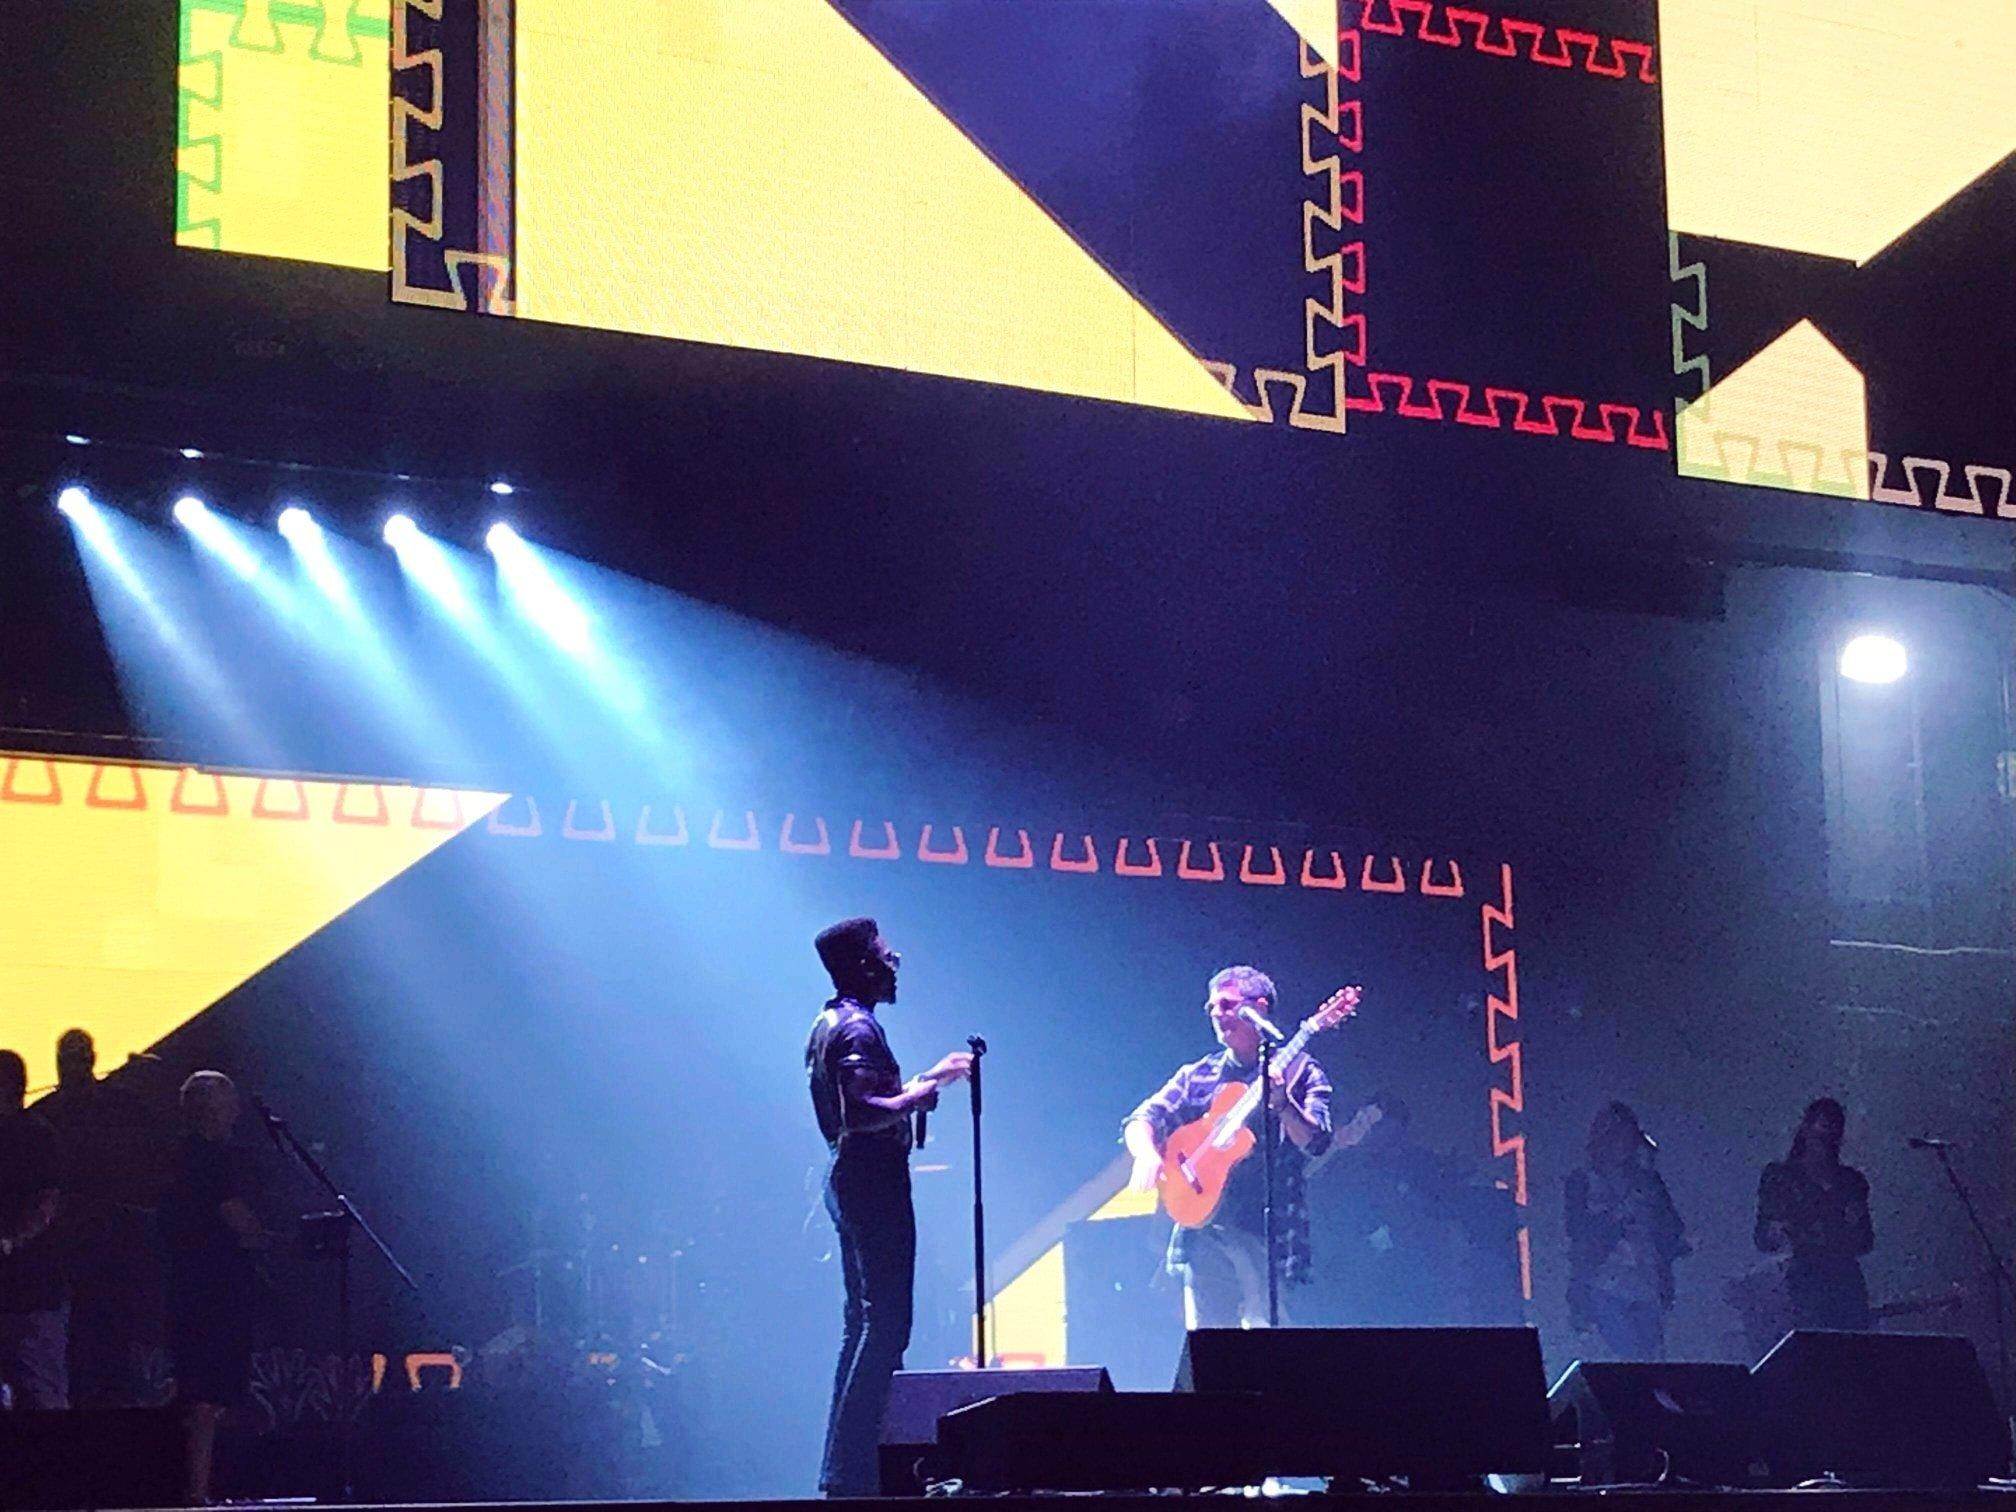 Cimafunk con Alejando Sanz en el Madison Square Garden. Foto: @CimafunkOficial/FB.